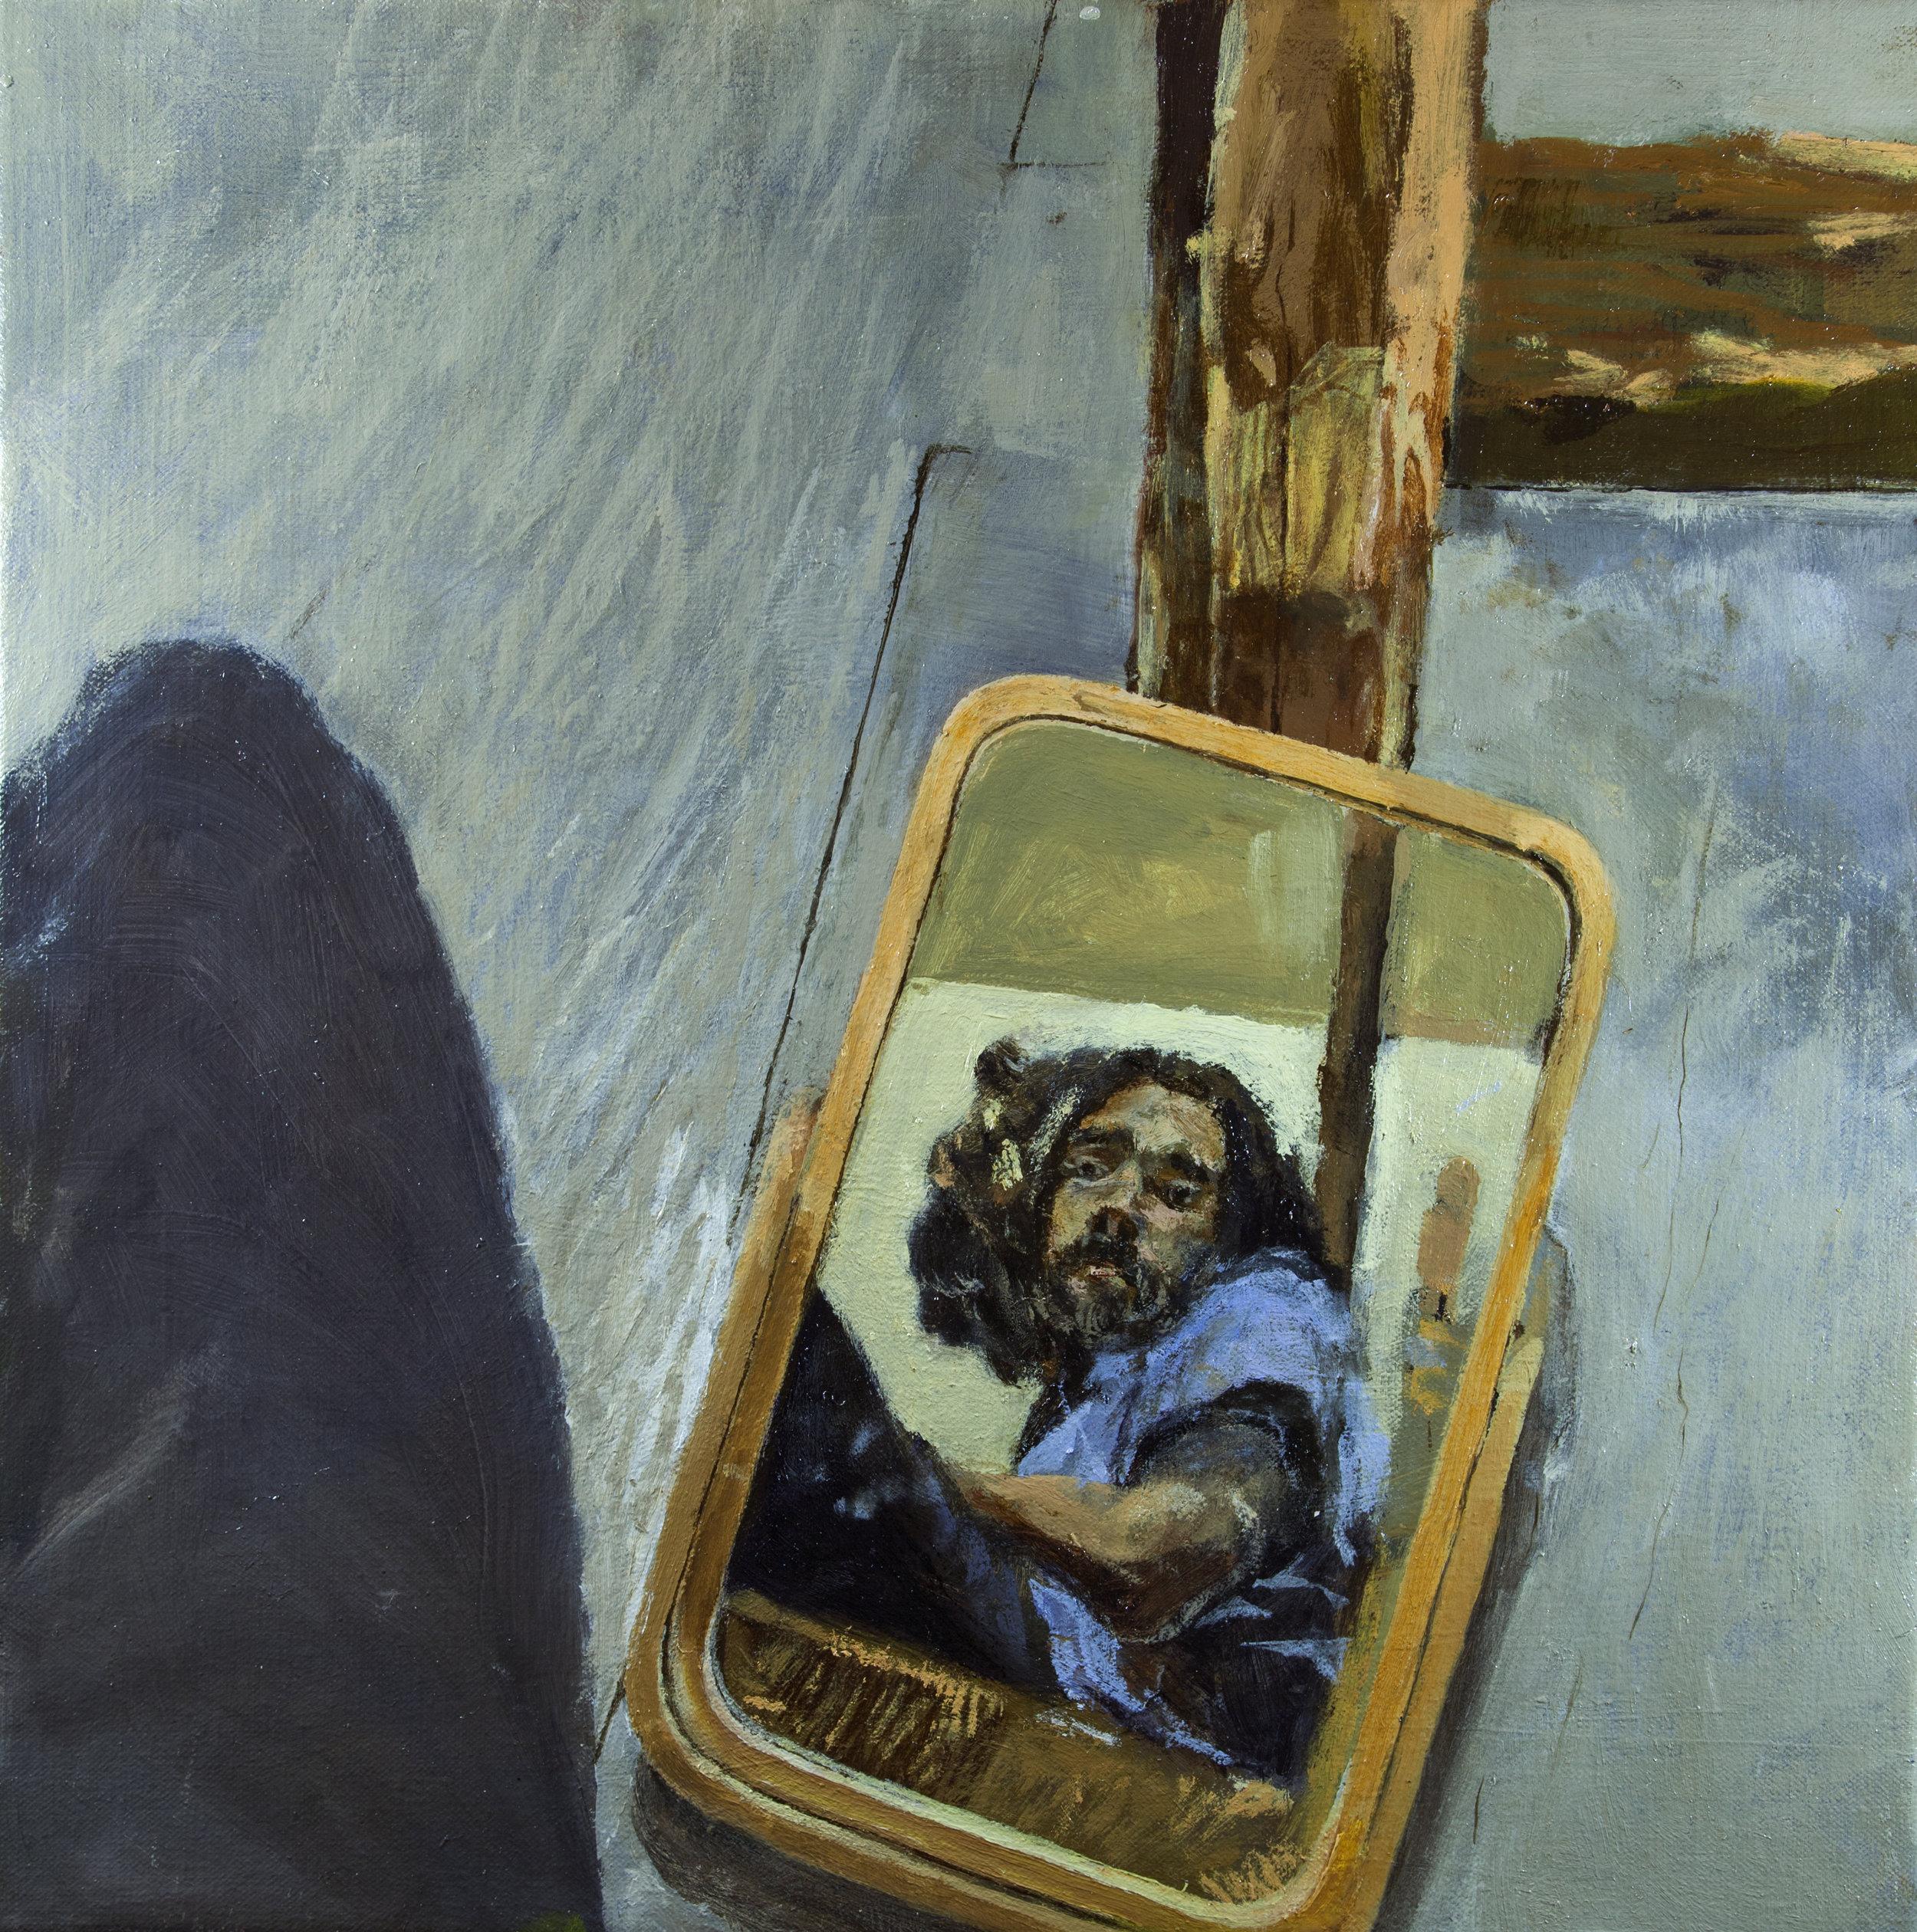 Self Portrait, 40 cm x 40 cm, oil on linen, 2019